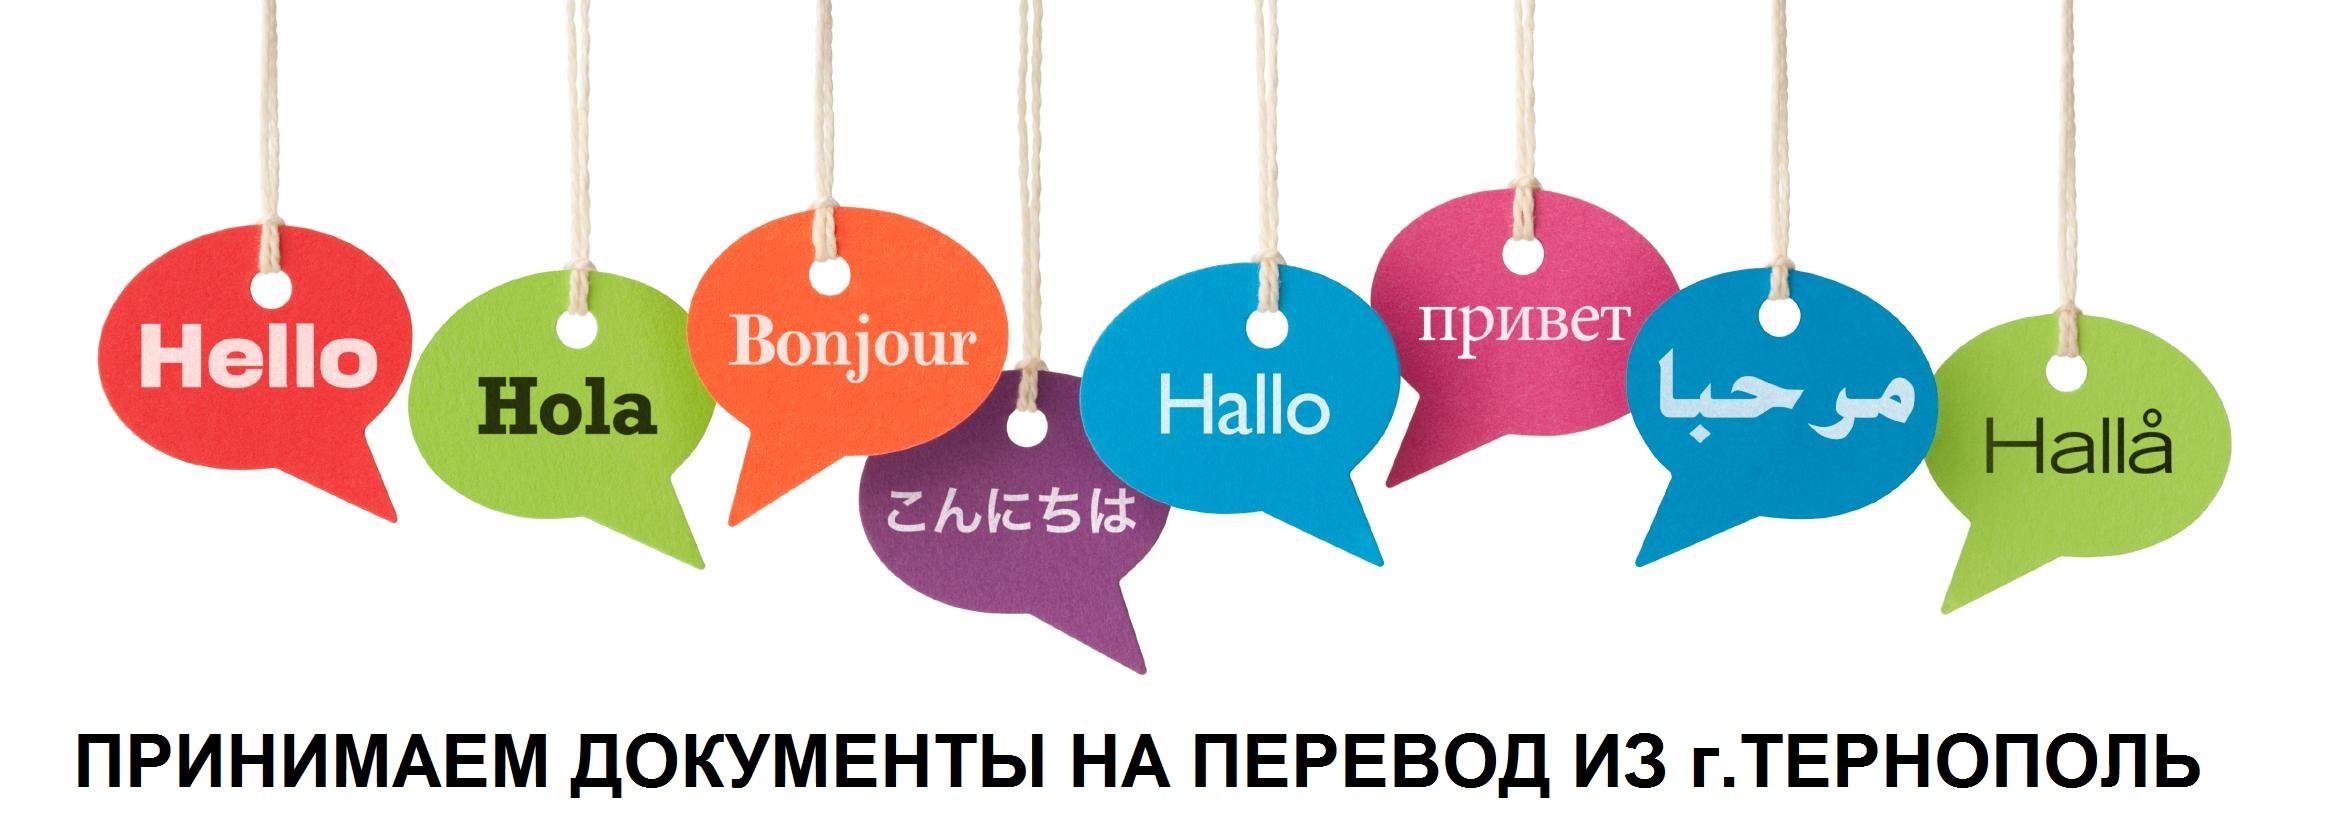 ПРИНИМАЕМ ДОКУМЕНТЫ НА ПЕРЕВОД ИЗ г.ТЕРНОПОЛЬ - SpravkaInform.com.ua